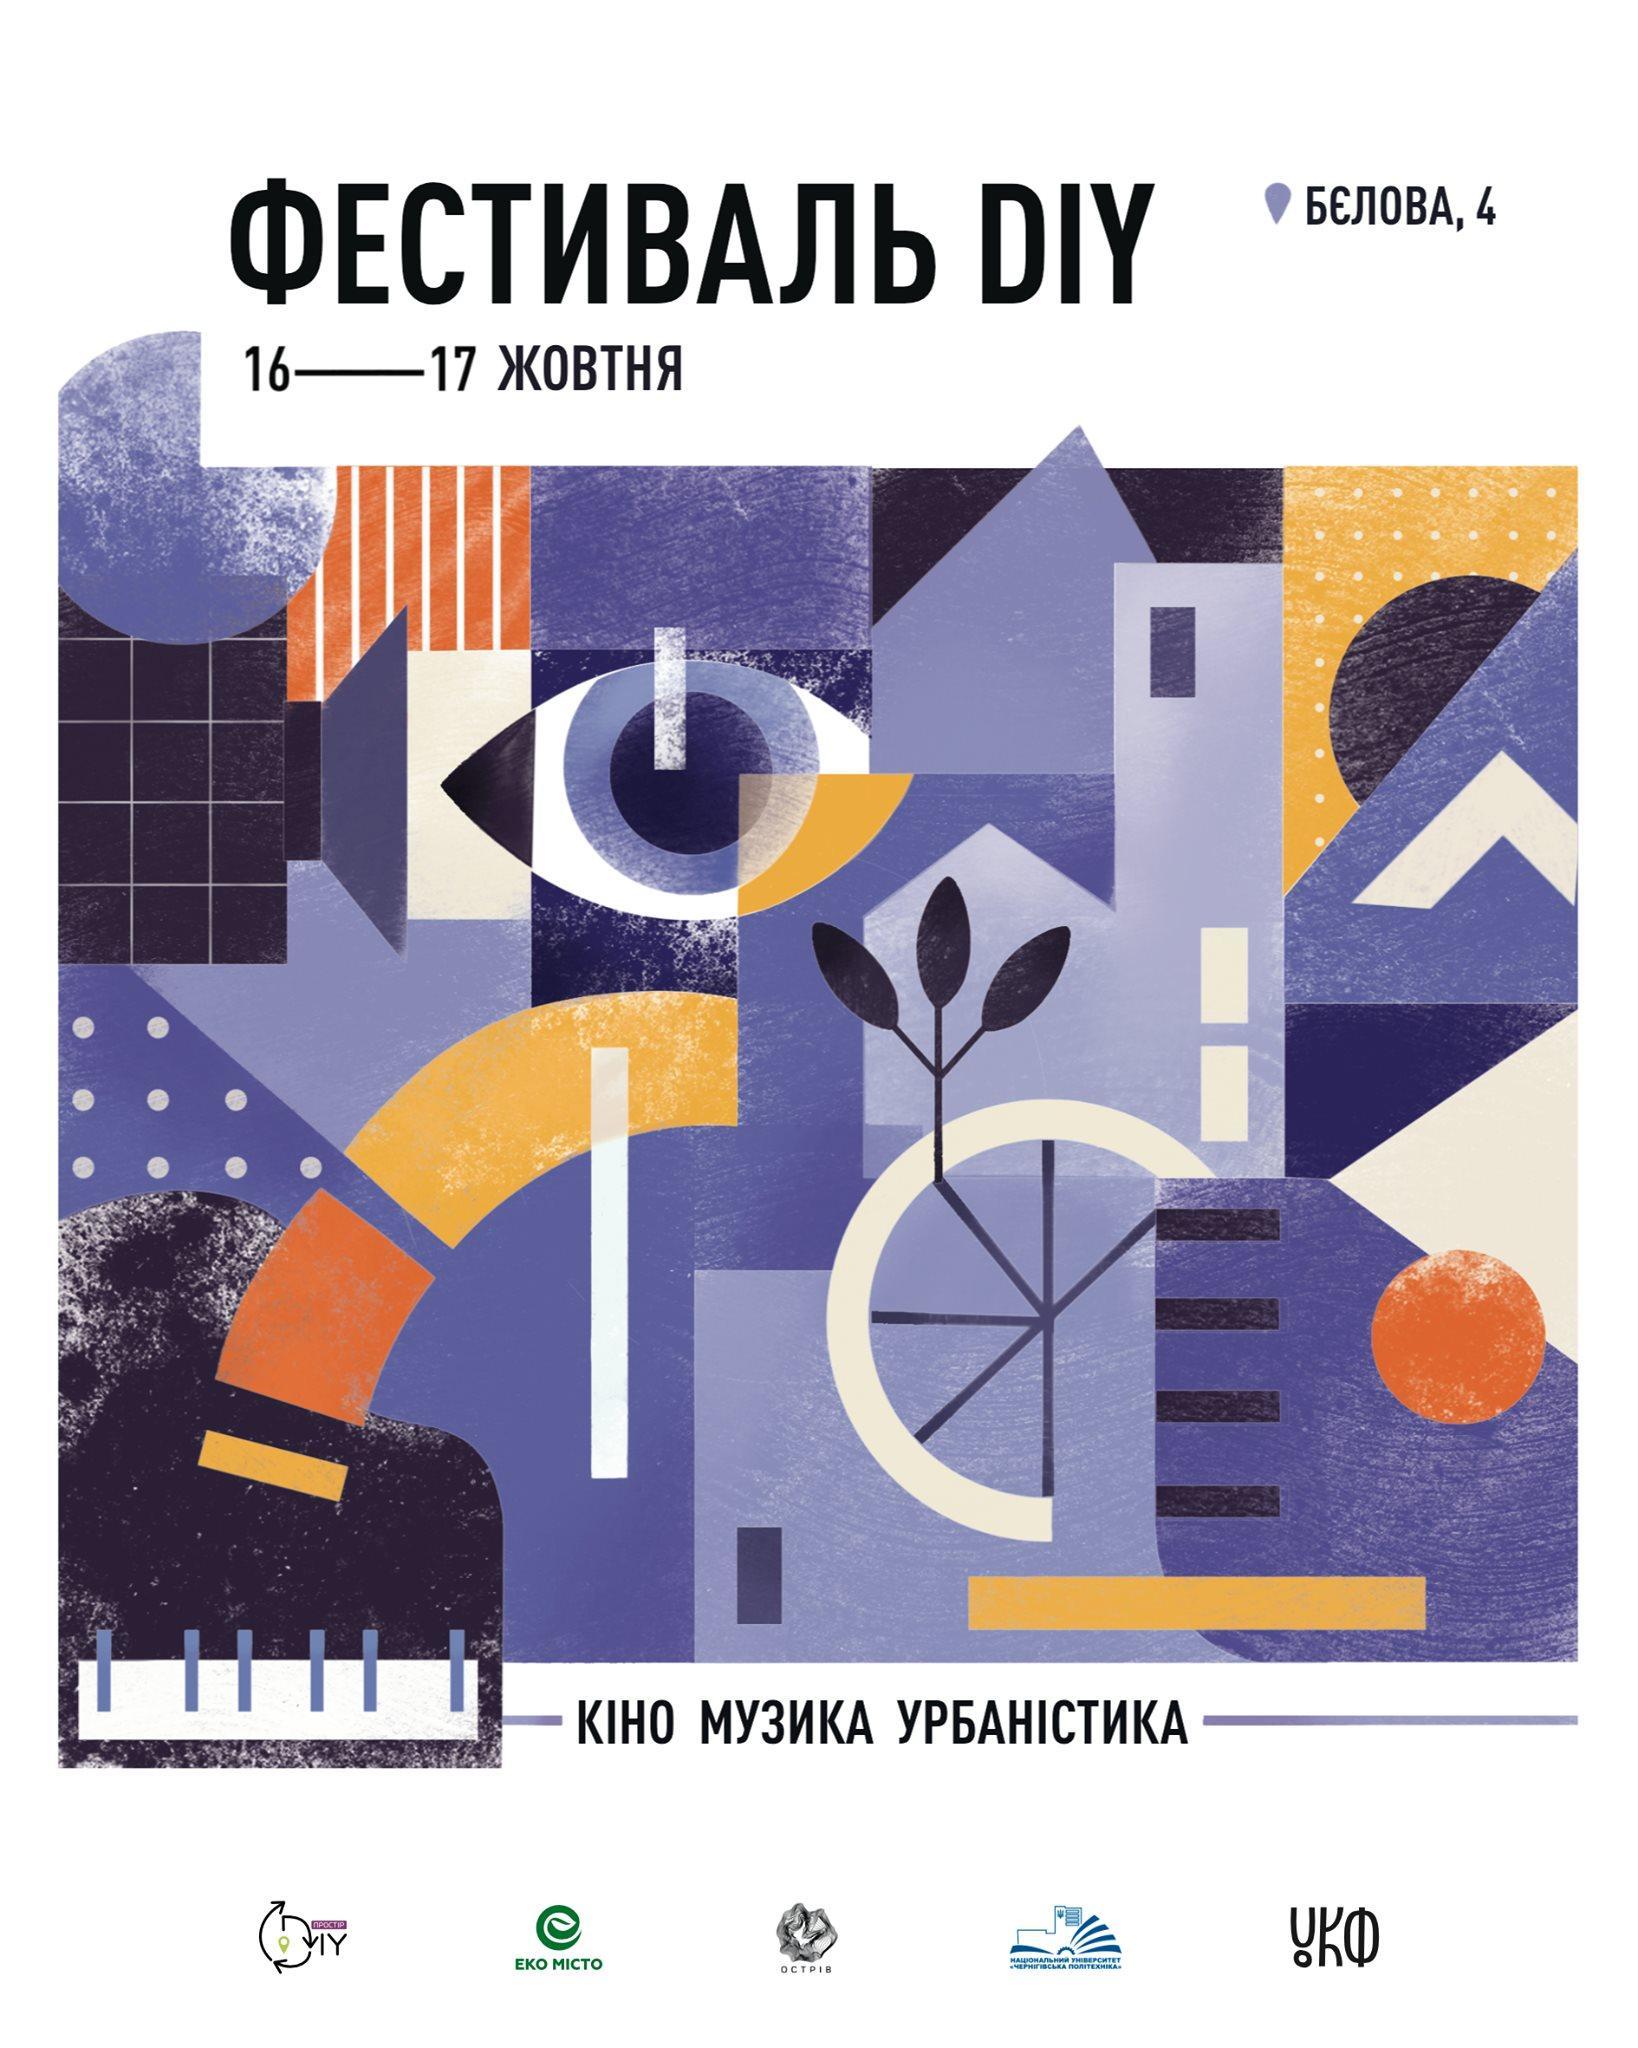 Відкриття муралу, виступ рок-гурту: у Чернігові 16-17 жовтня пройде фестиваль DIY